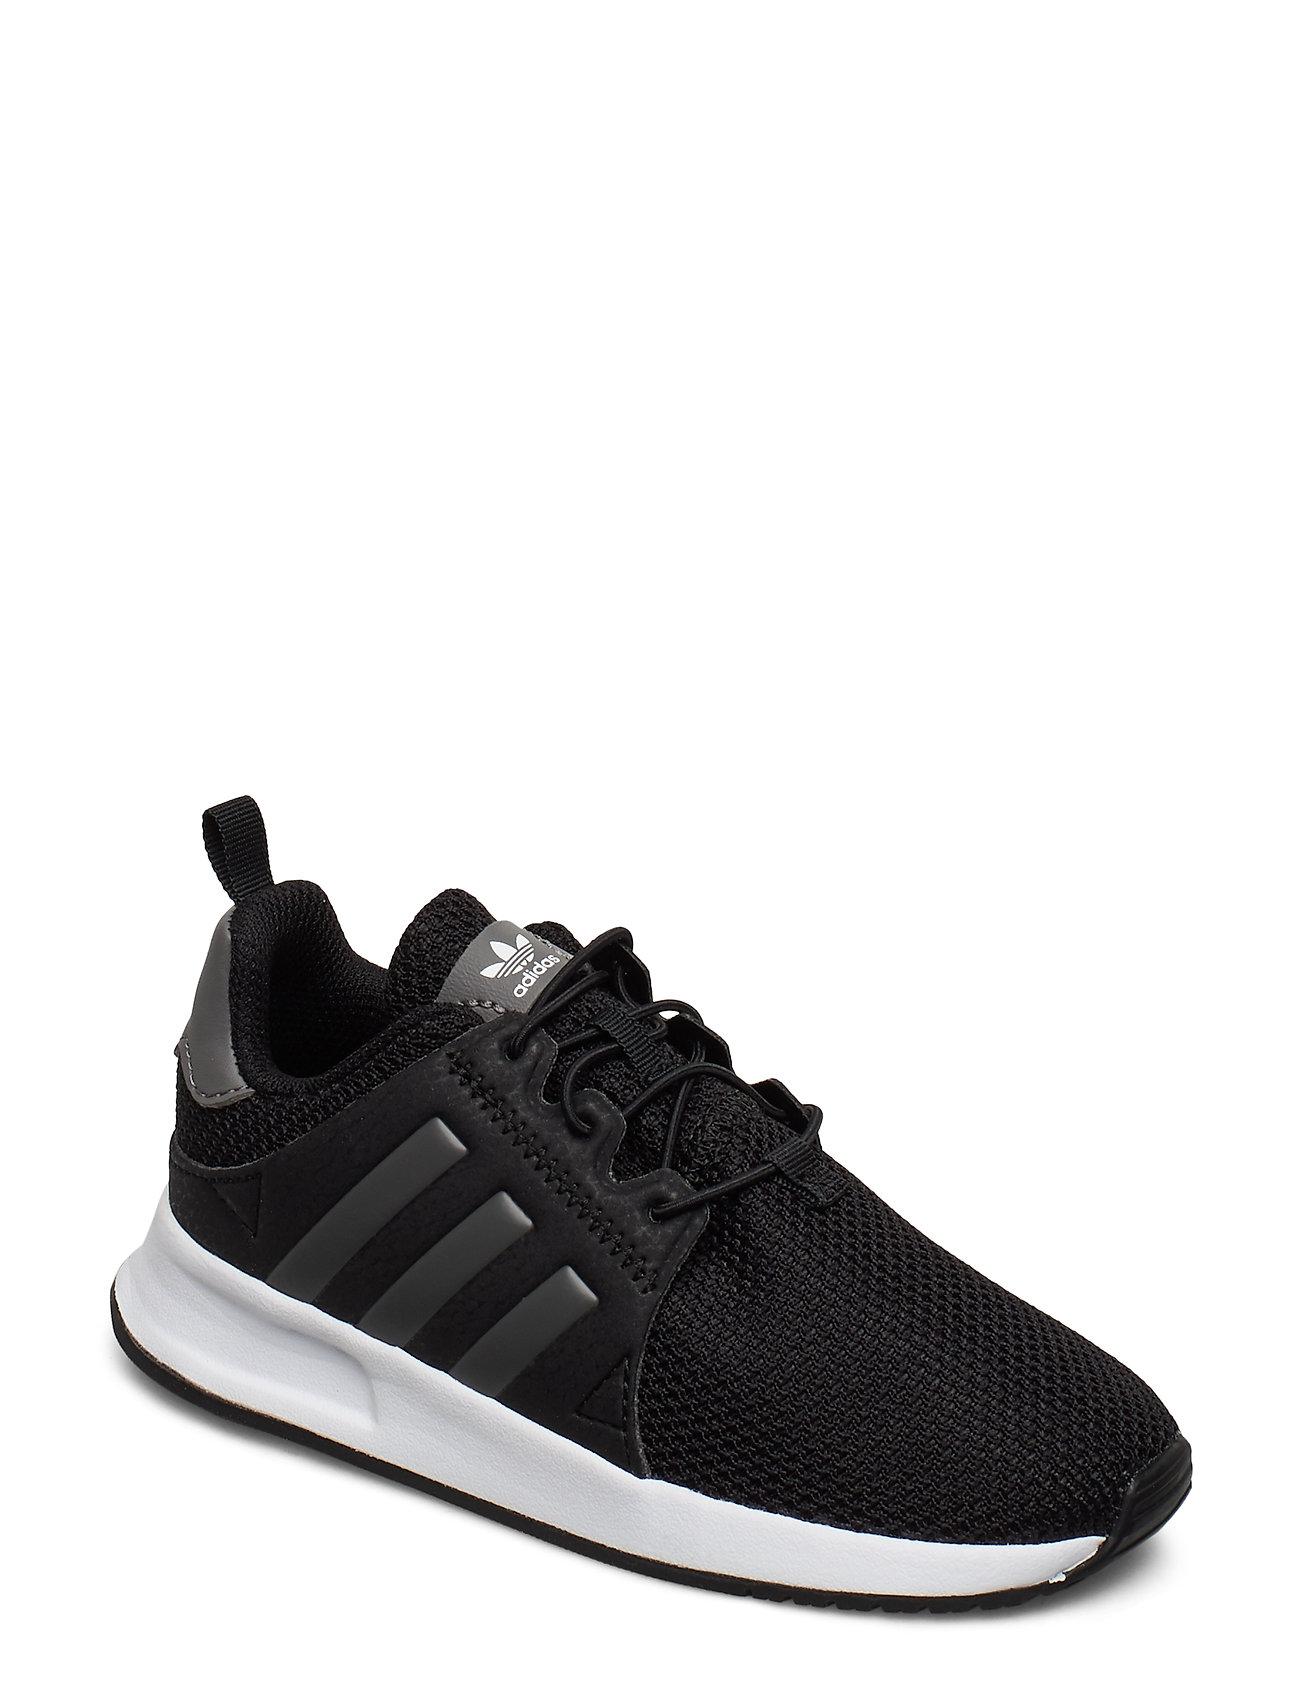 adidas Originals X_PLR EL I - CBLACK/GREFOU/FTWWHT